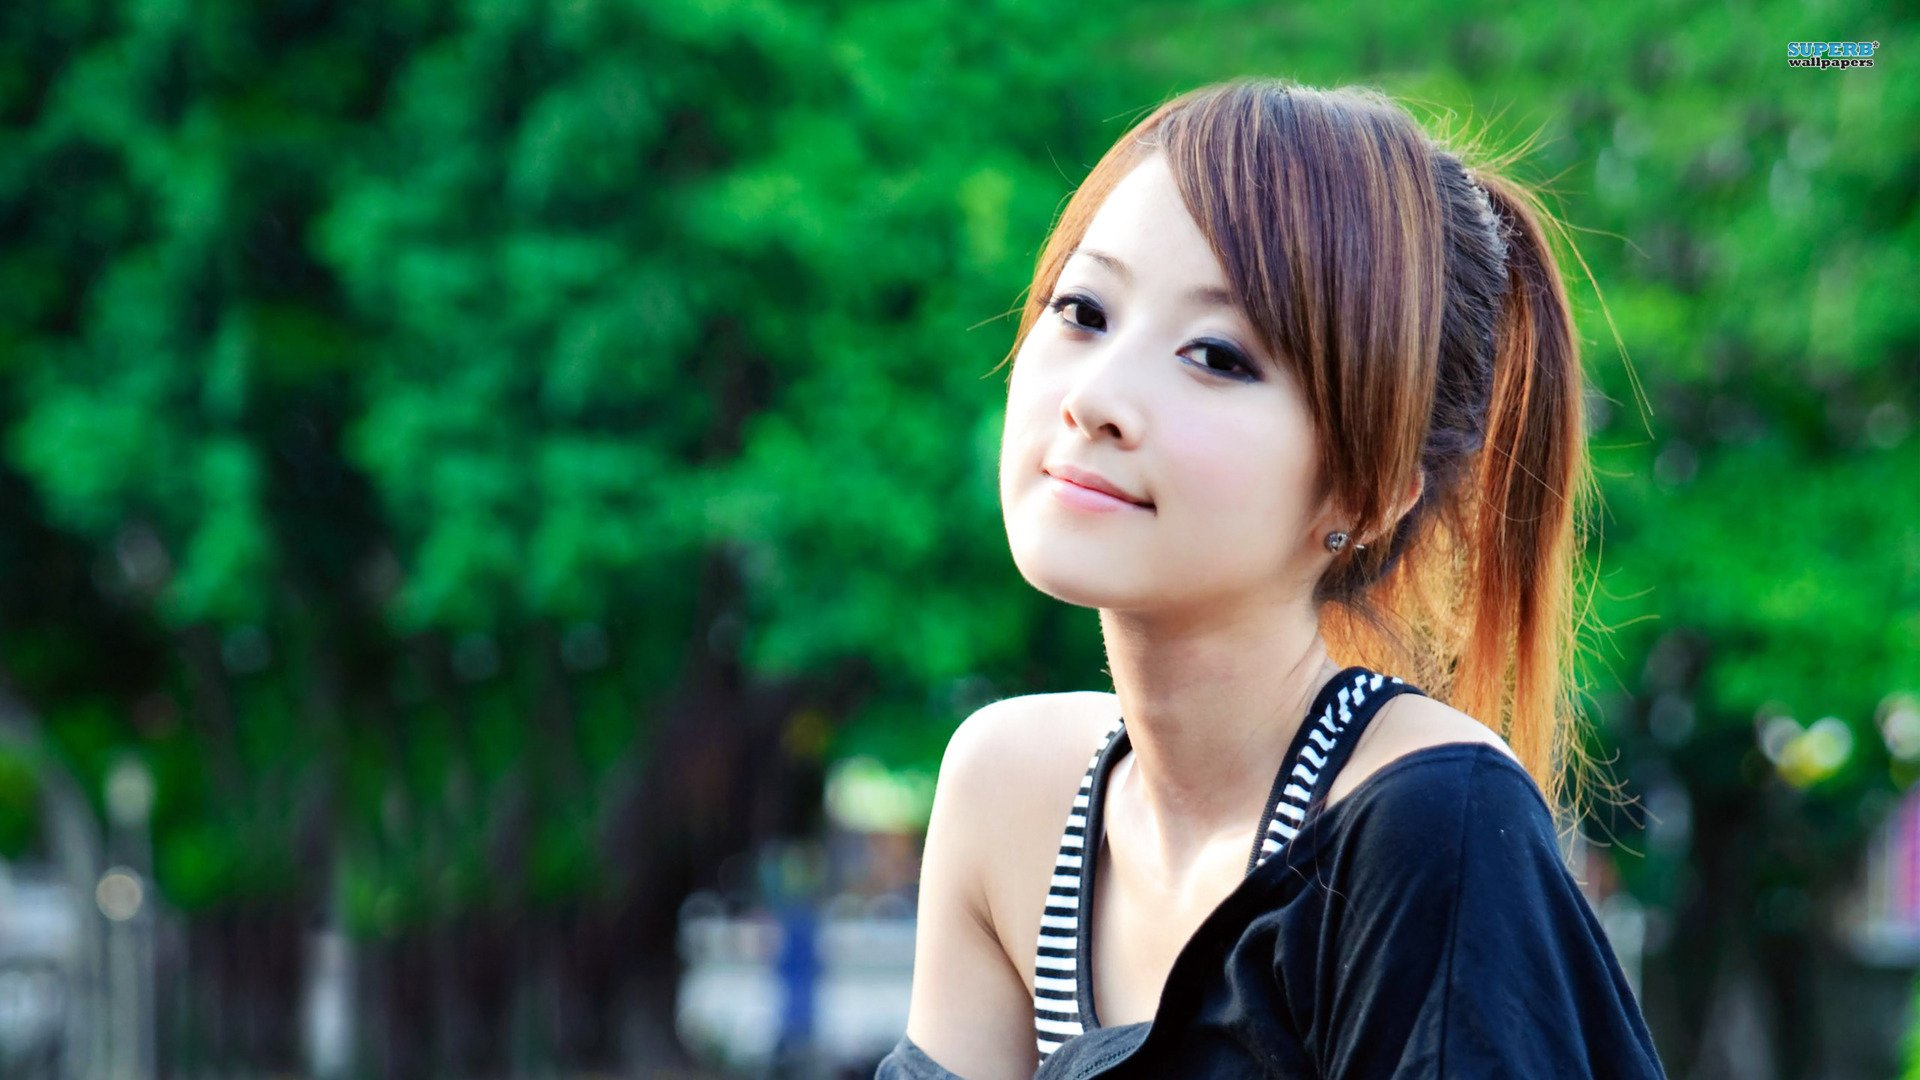 Mikako Zhang wallpaper 1920x1080 68201 1920x1080